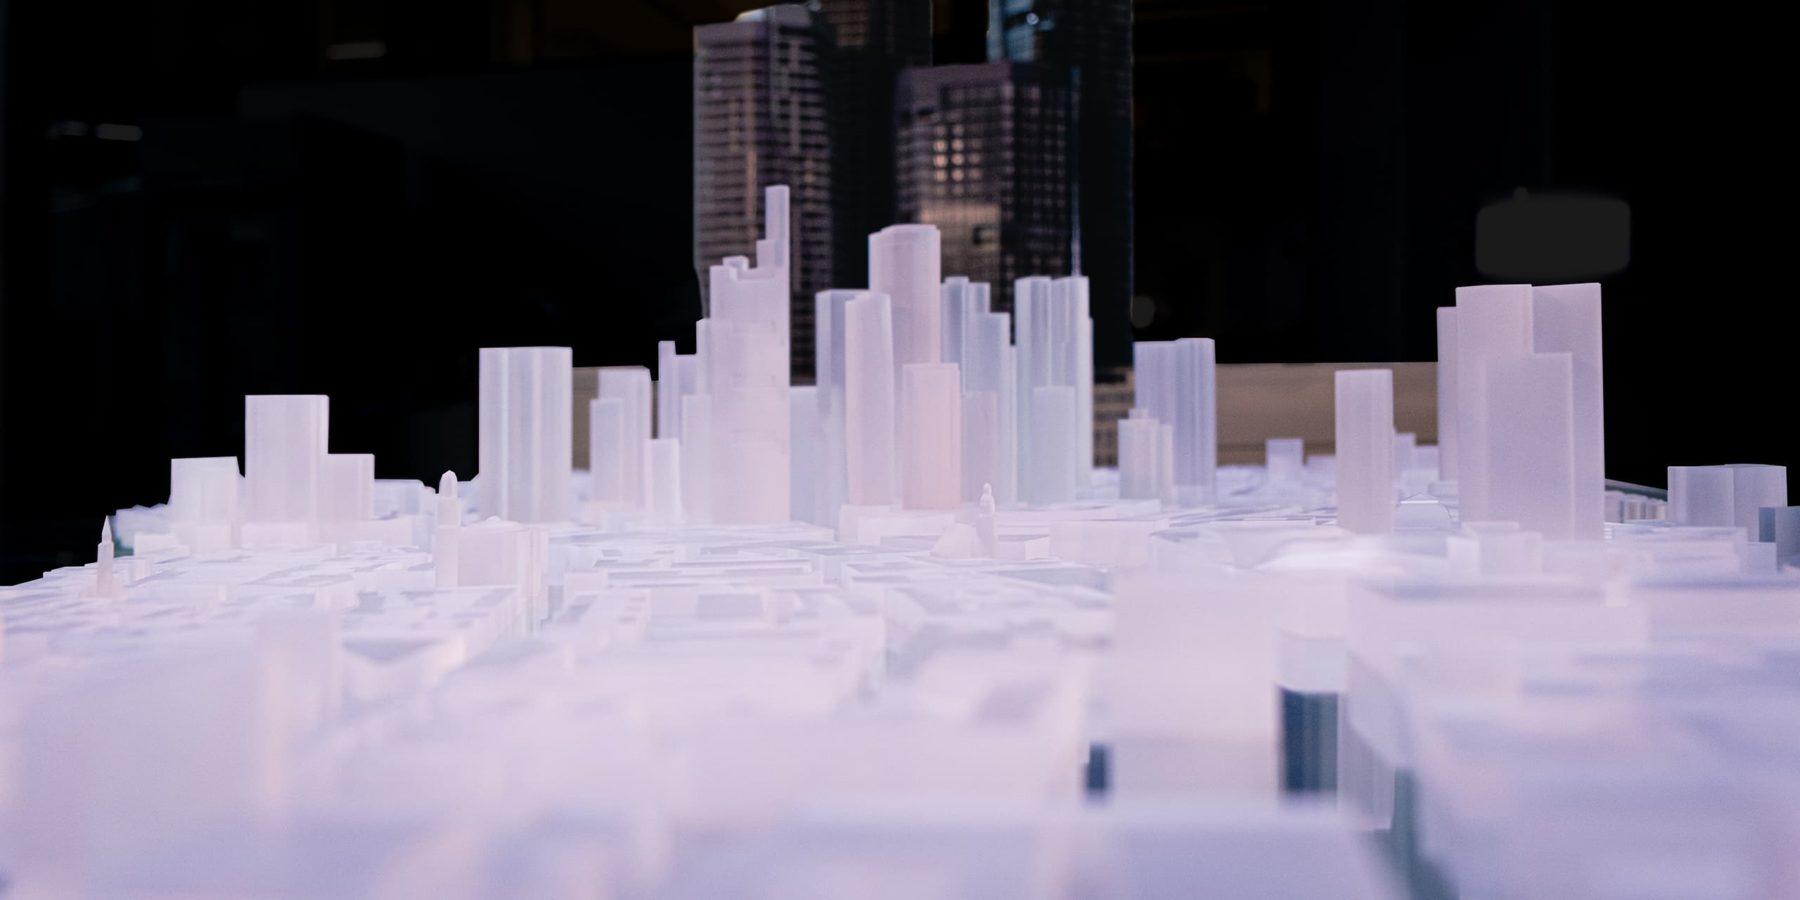 Architekturmodell des FOUR und Stadtmodell von Frankfurt in Acryl